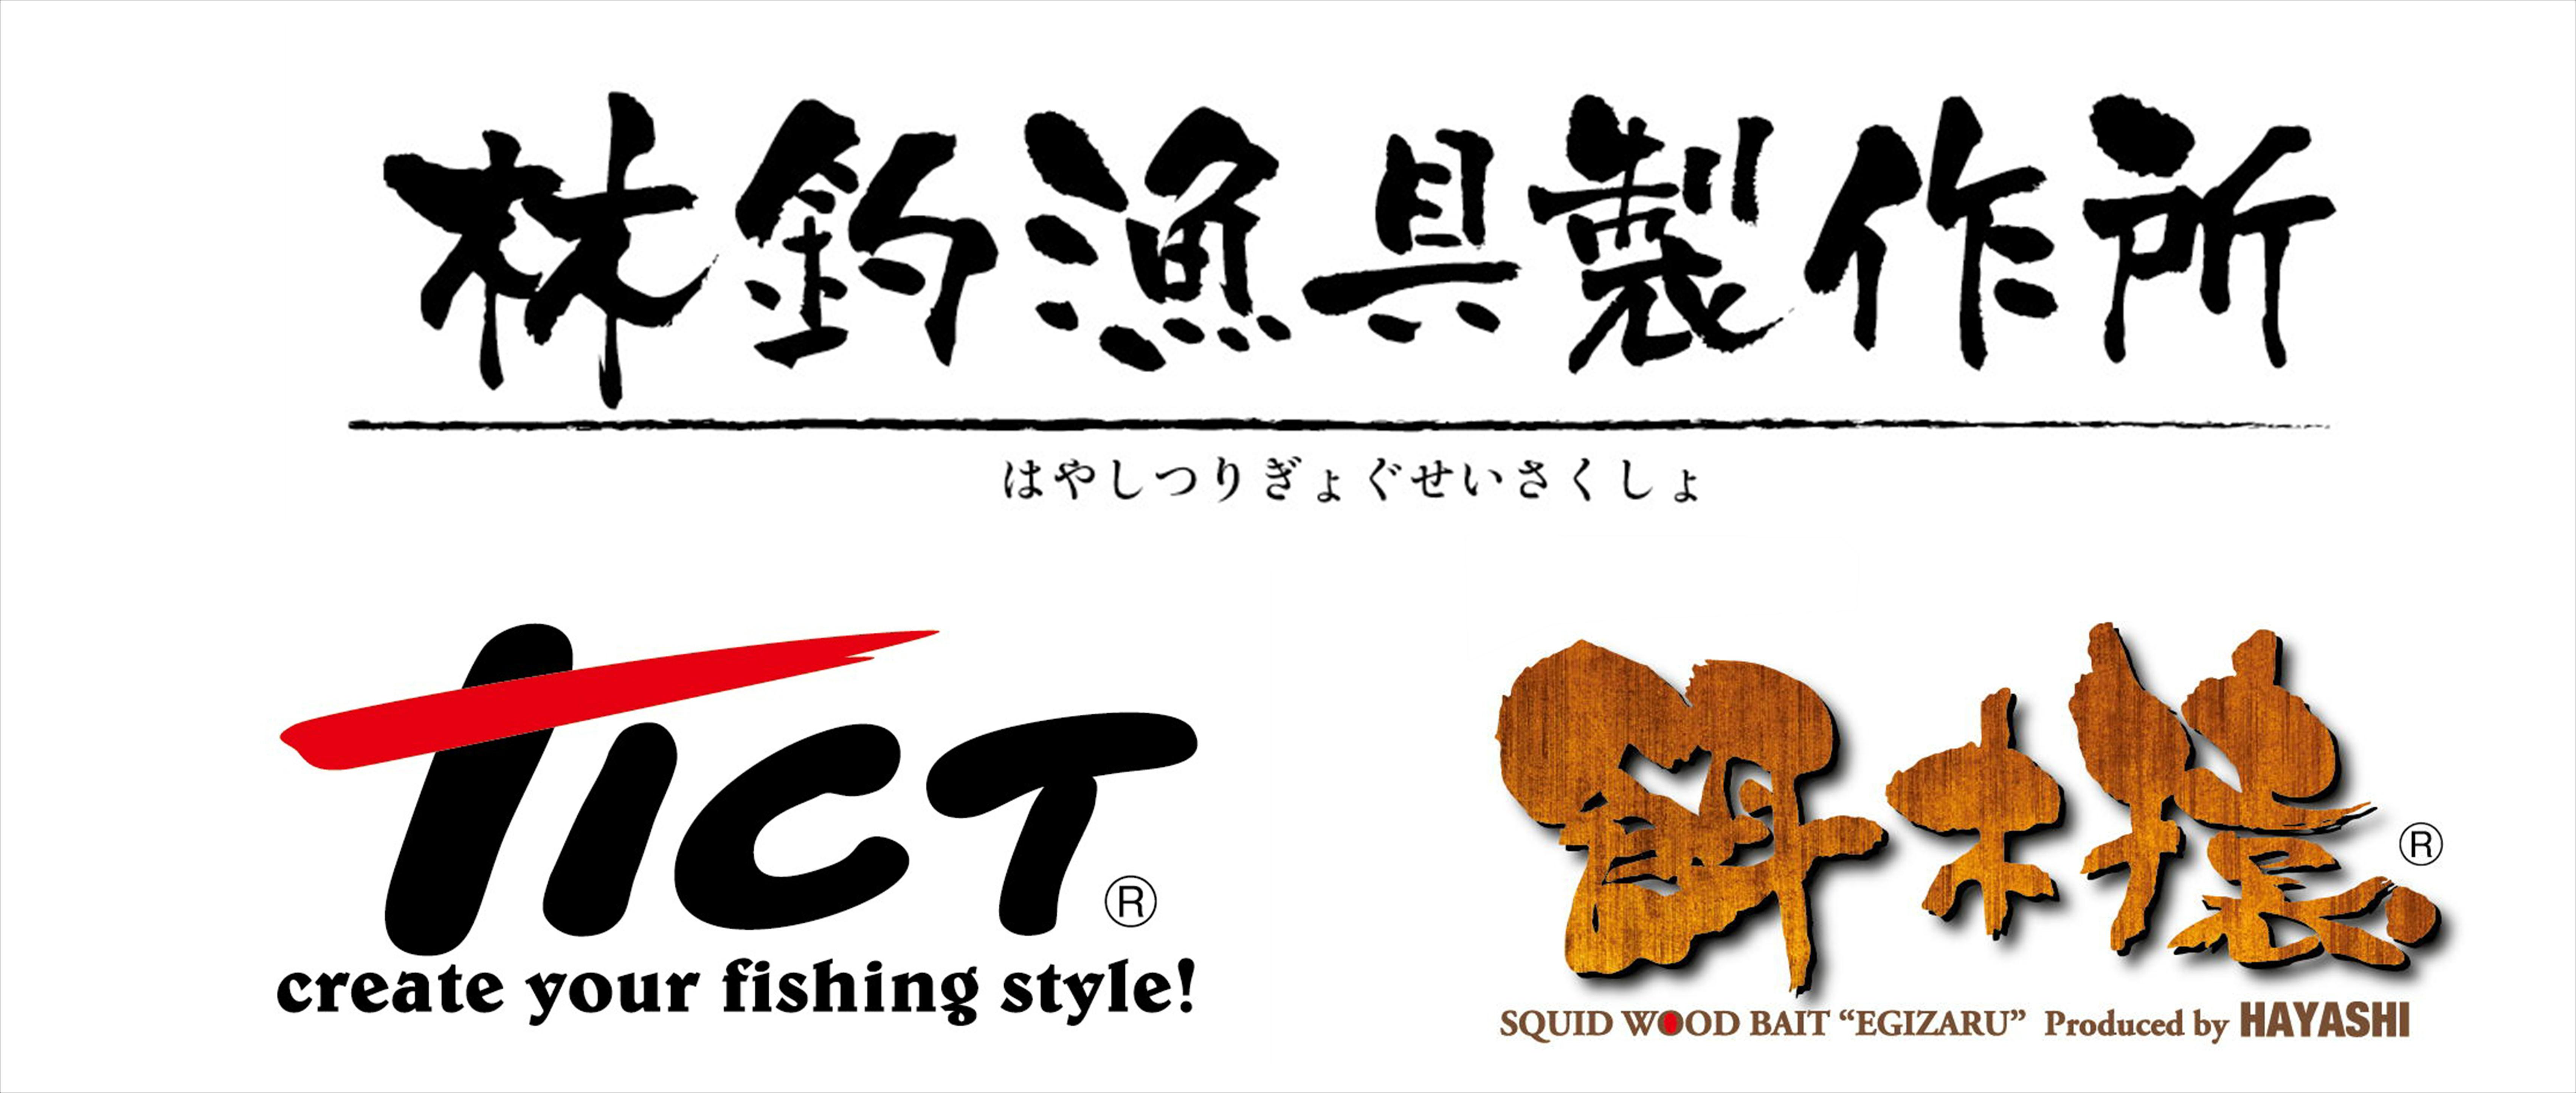 林釣漁具製作所